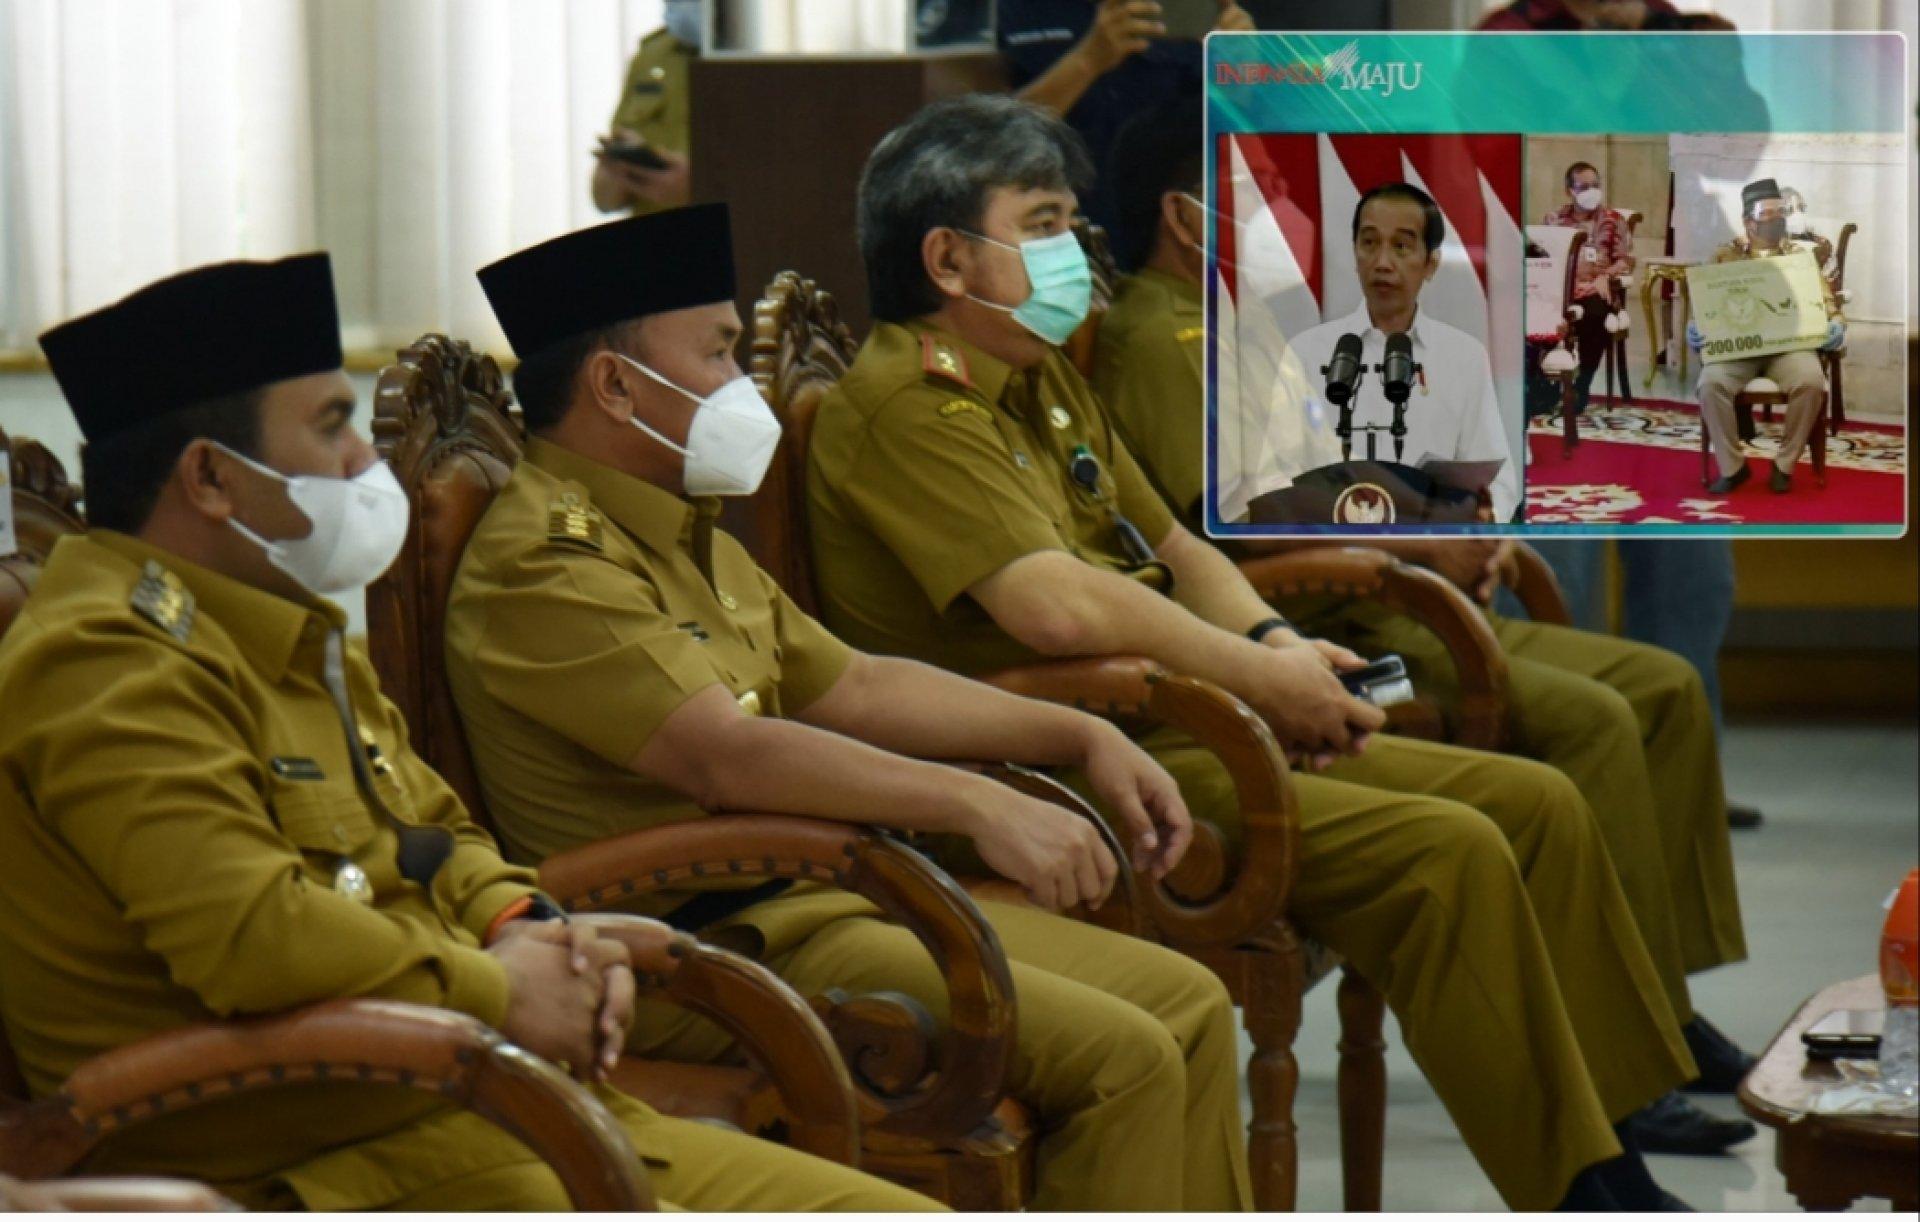 Gubernur Kalteng Hadiri Peluncuran Bantuan Tunai Se-Indonesia Tahun 2021 oleh Presiden Secara Virtual